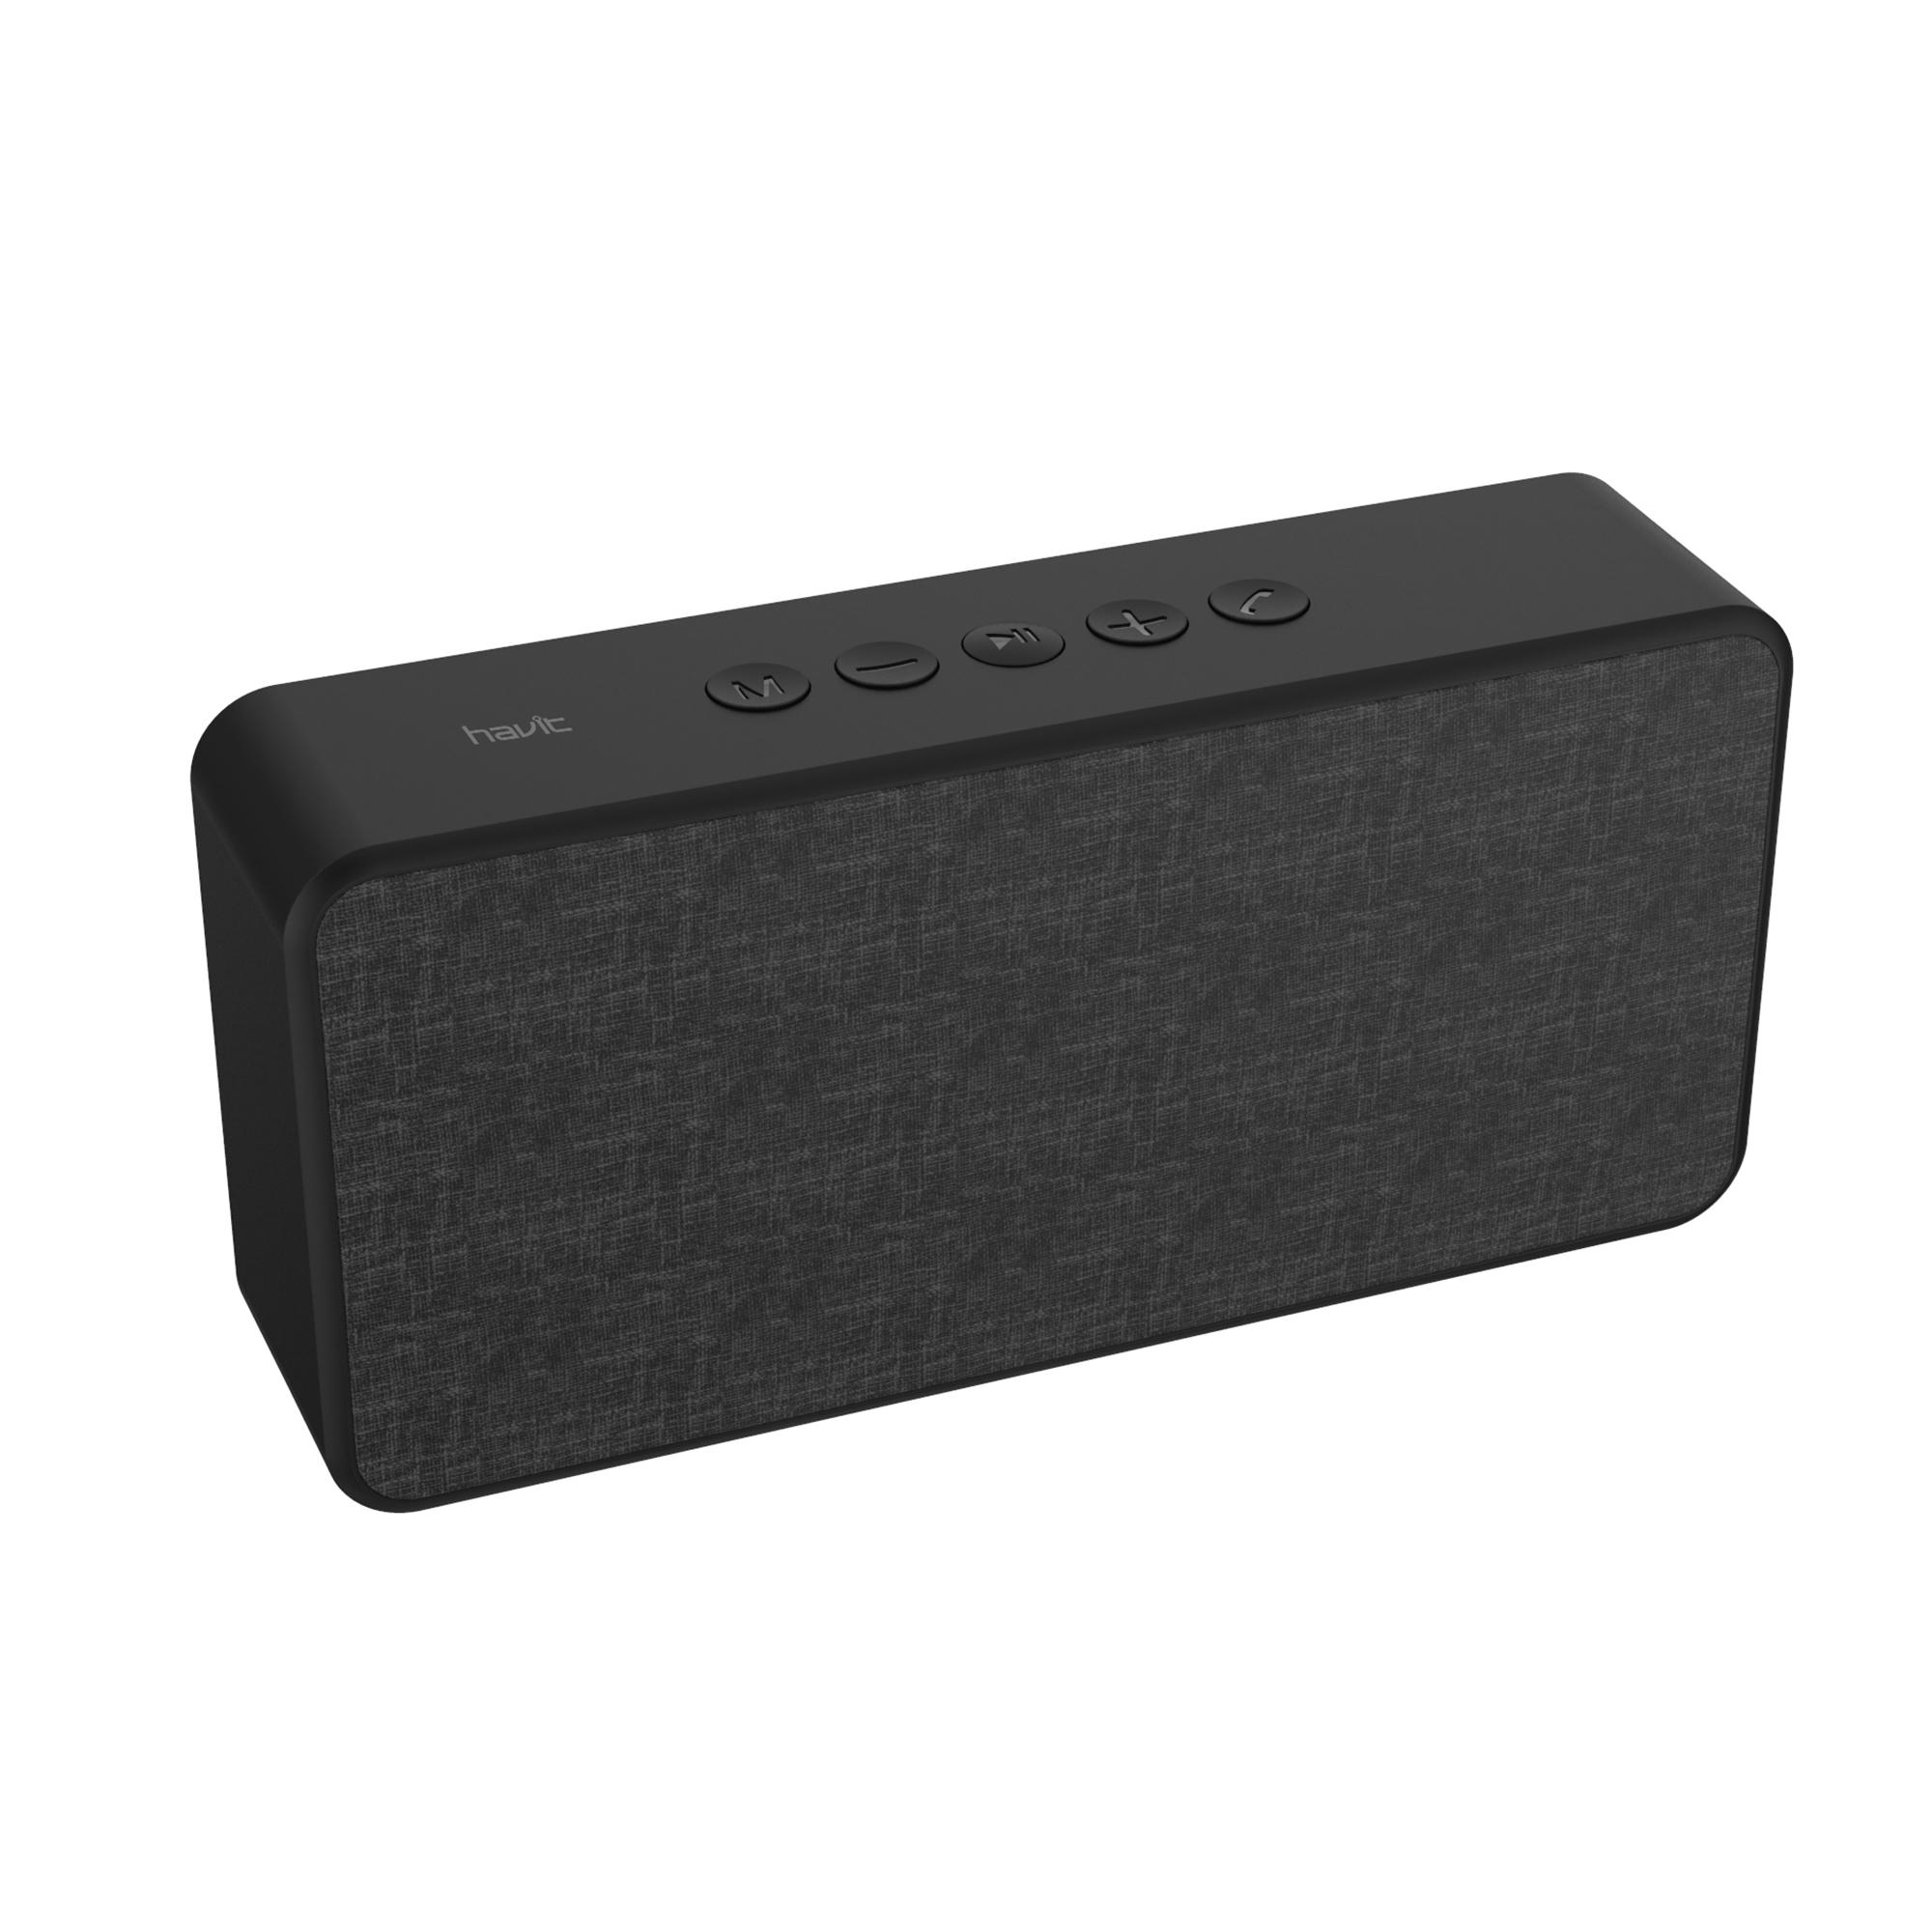 HAVIT SK579BT Portable Speaker - Black